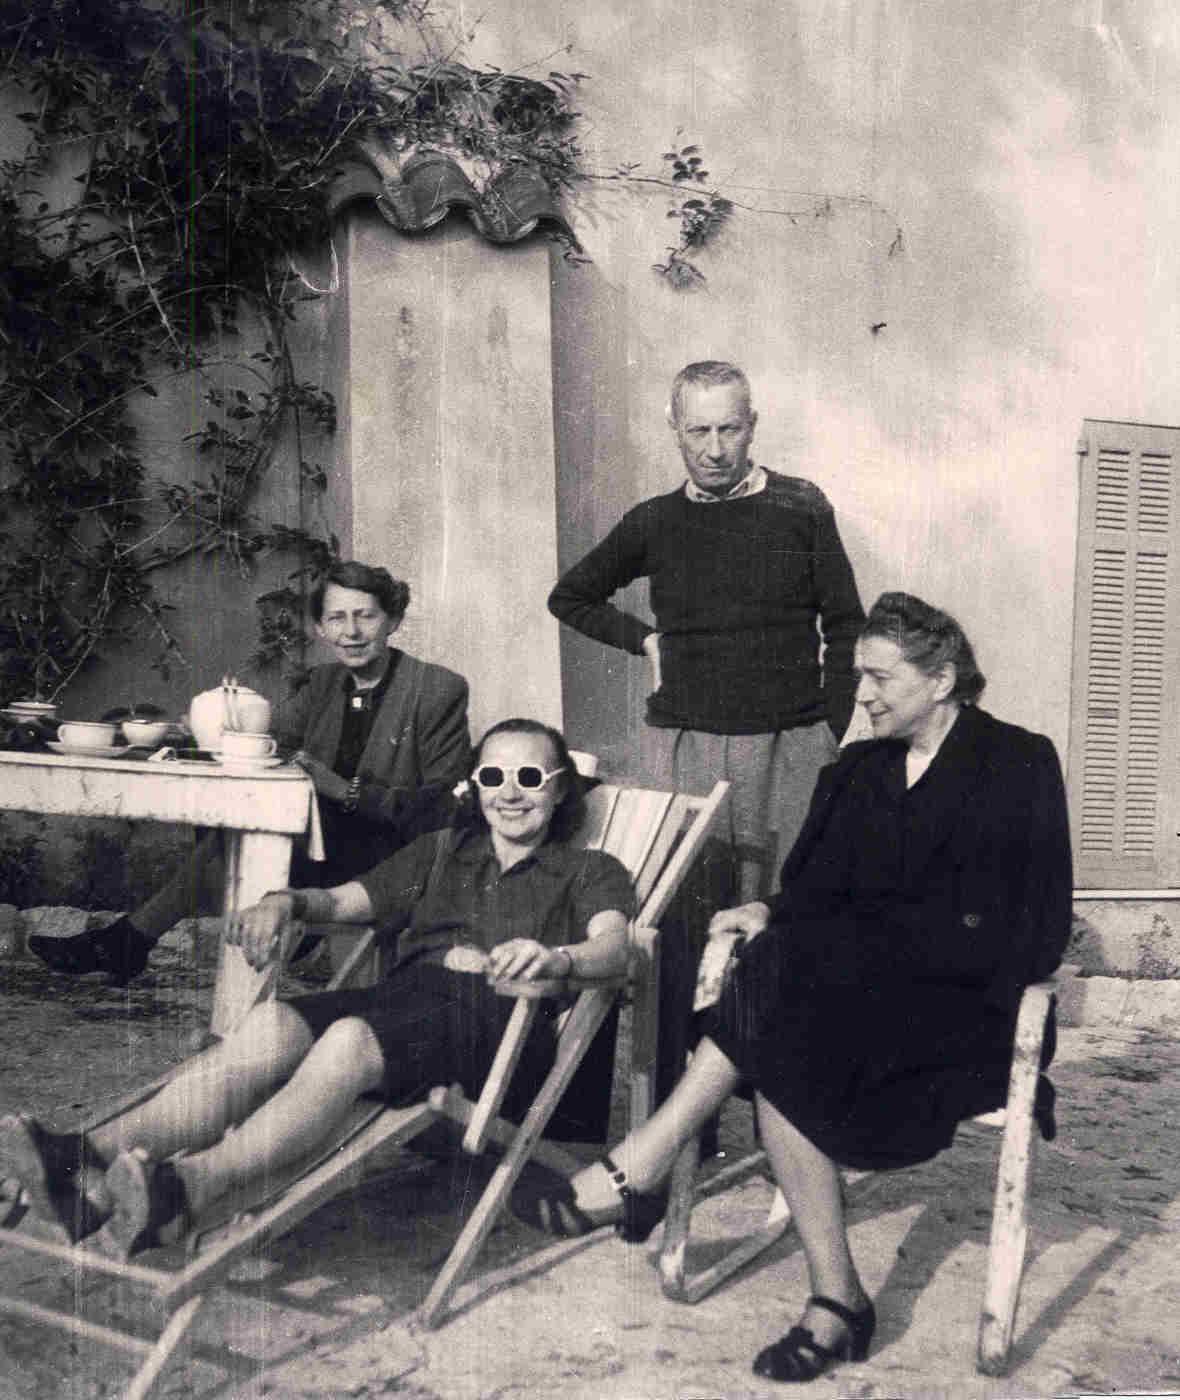 Sophie Taeuber-Arp, Nelly van Doesburg, Hans Arp und Sonia Delaunay, Grasse 1941